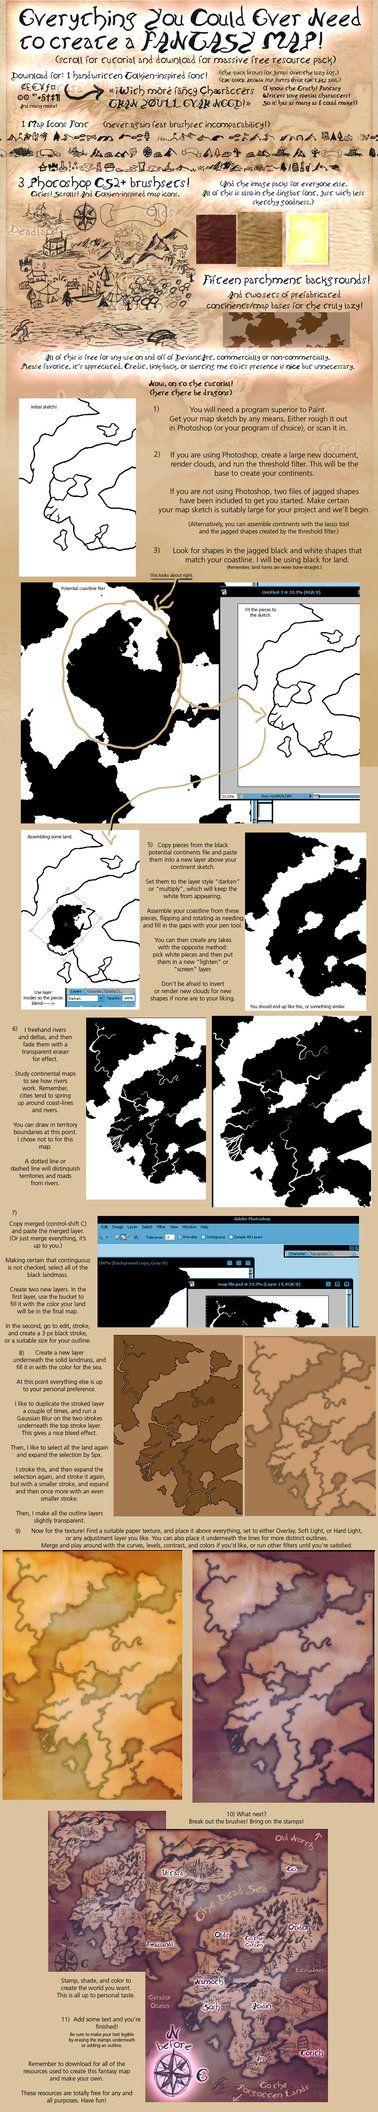 Fantasy Map Tutorialx website. Resources by calthyechild on DeviantArt.